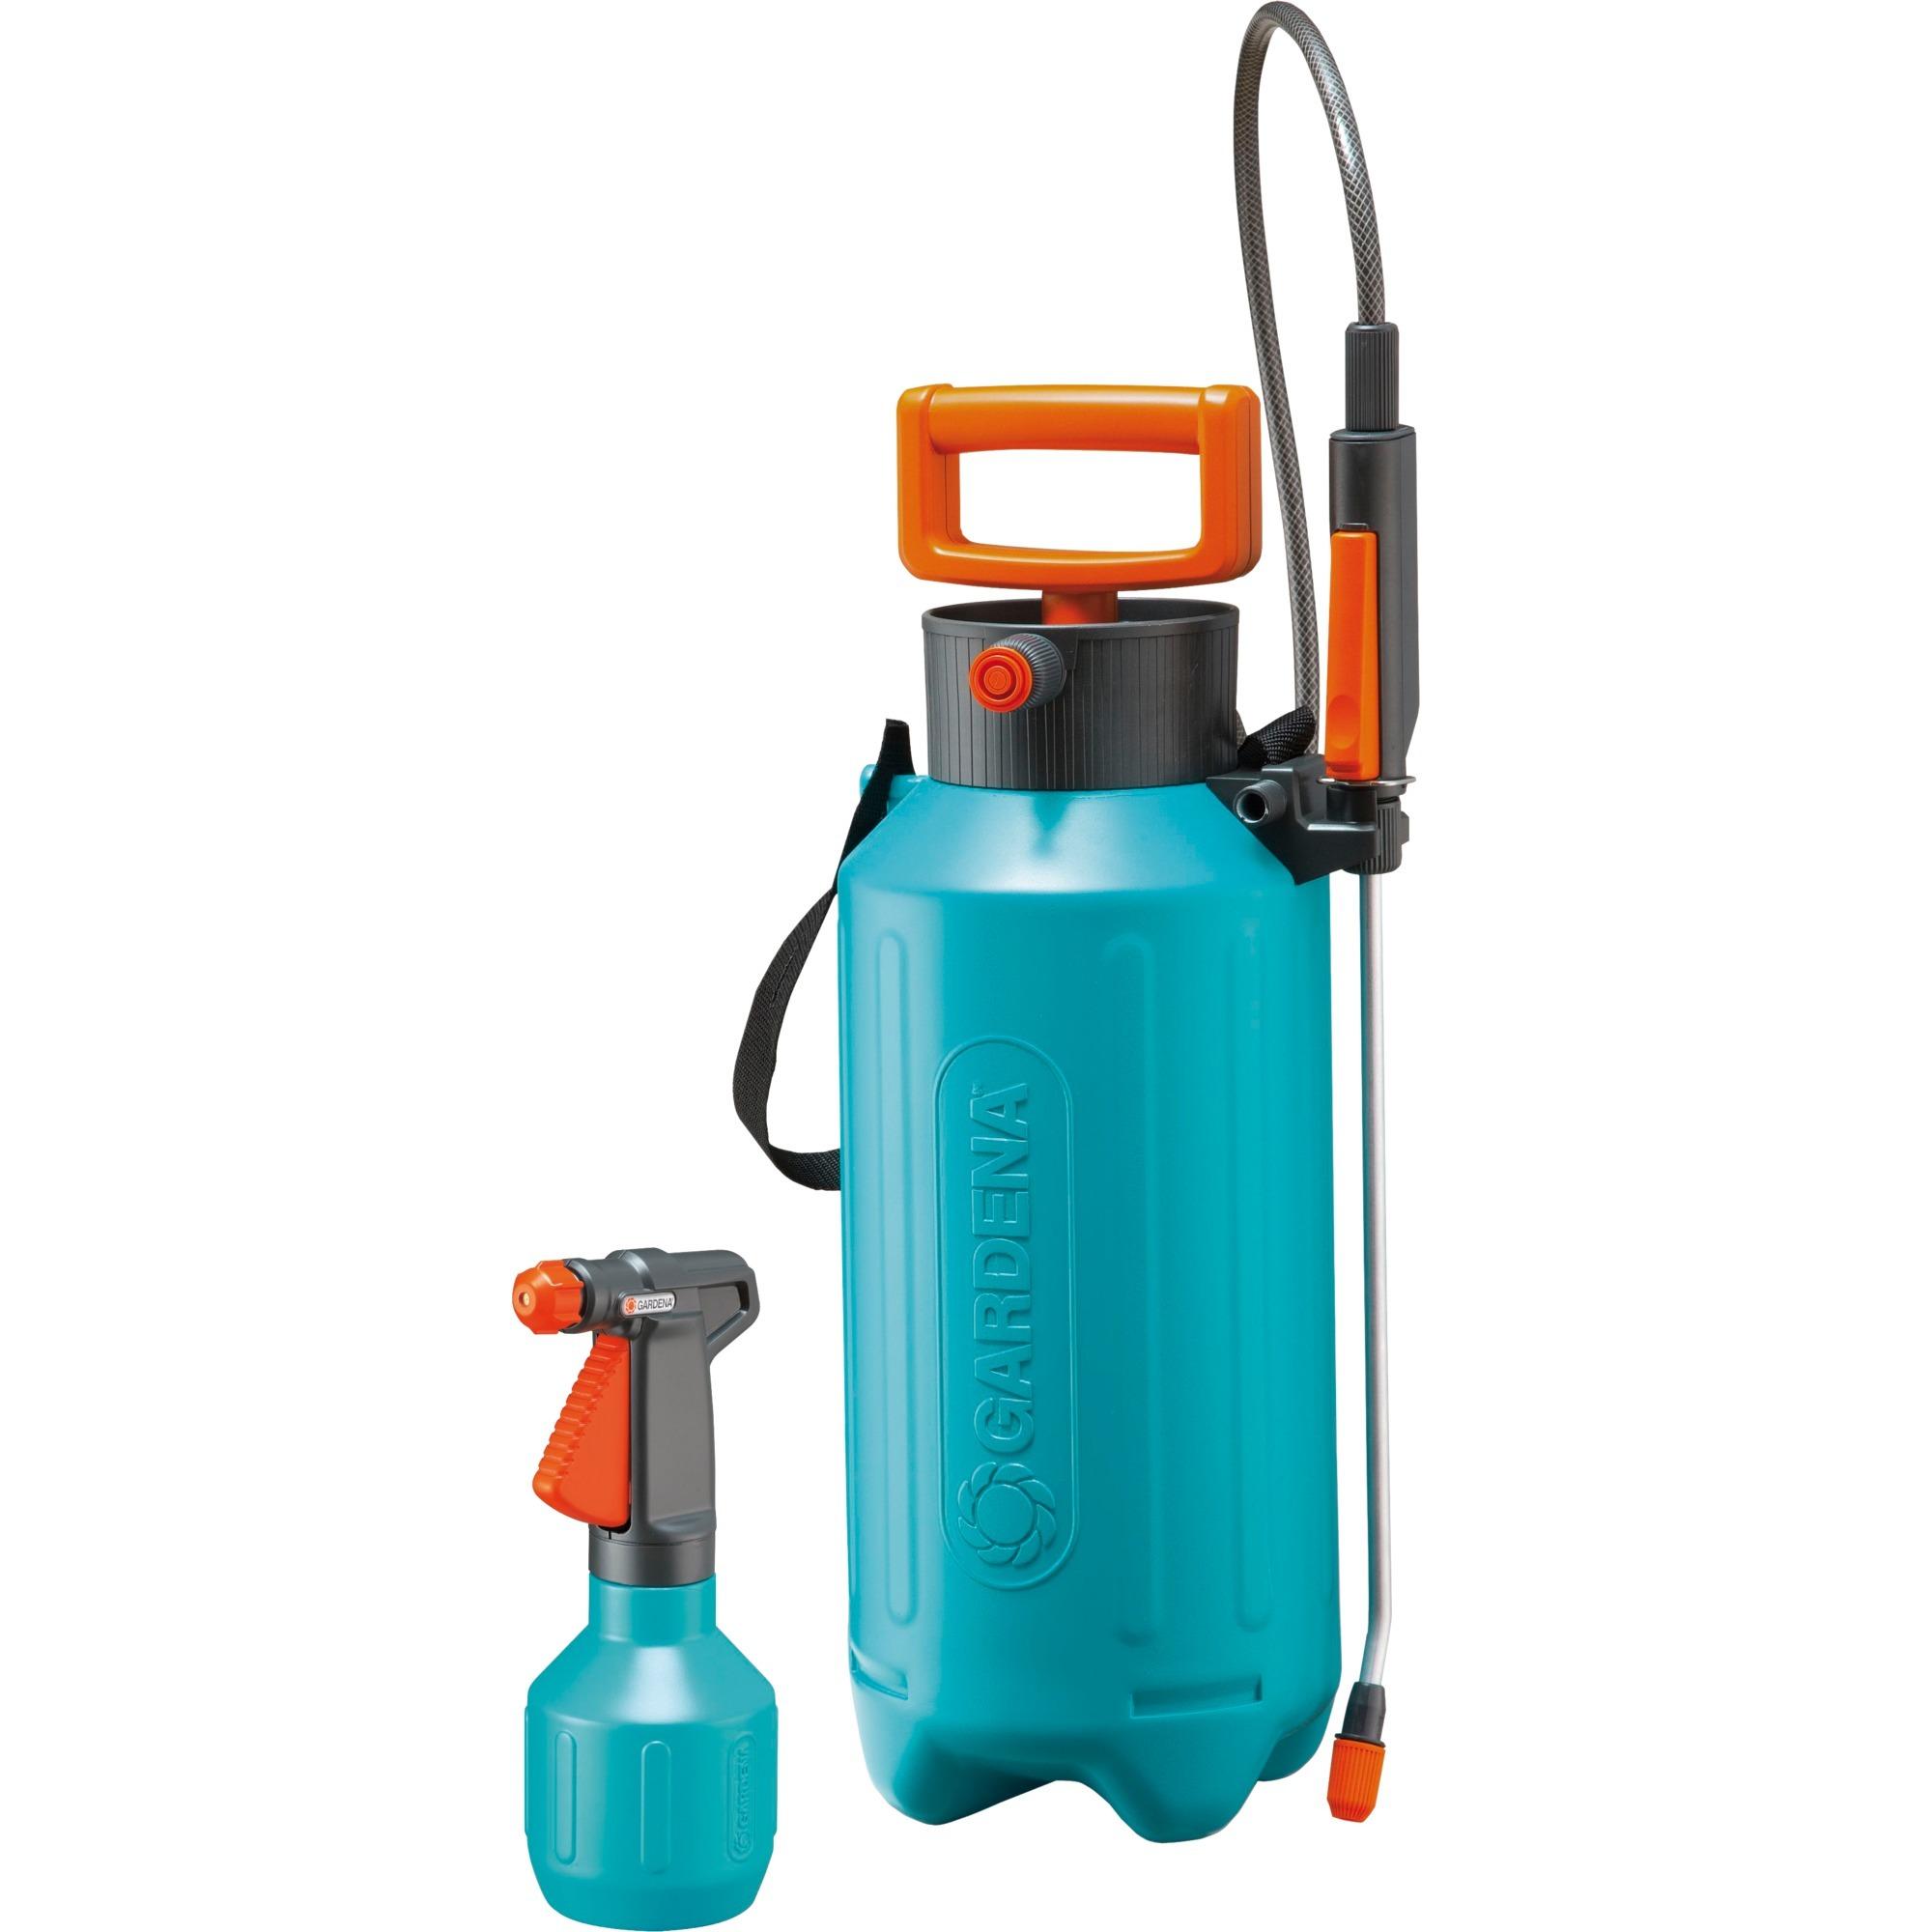 00824-20 5L garden sprayer, Bomba & Pulverizador a presión